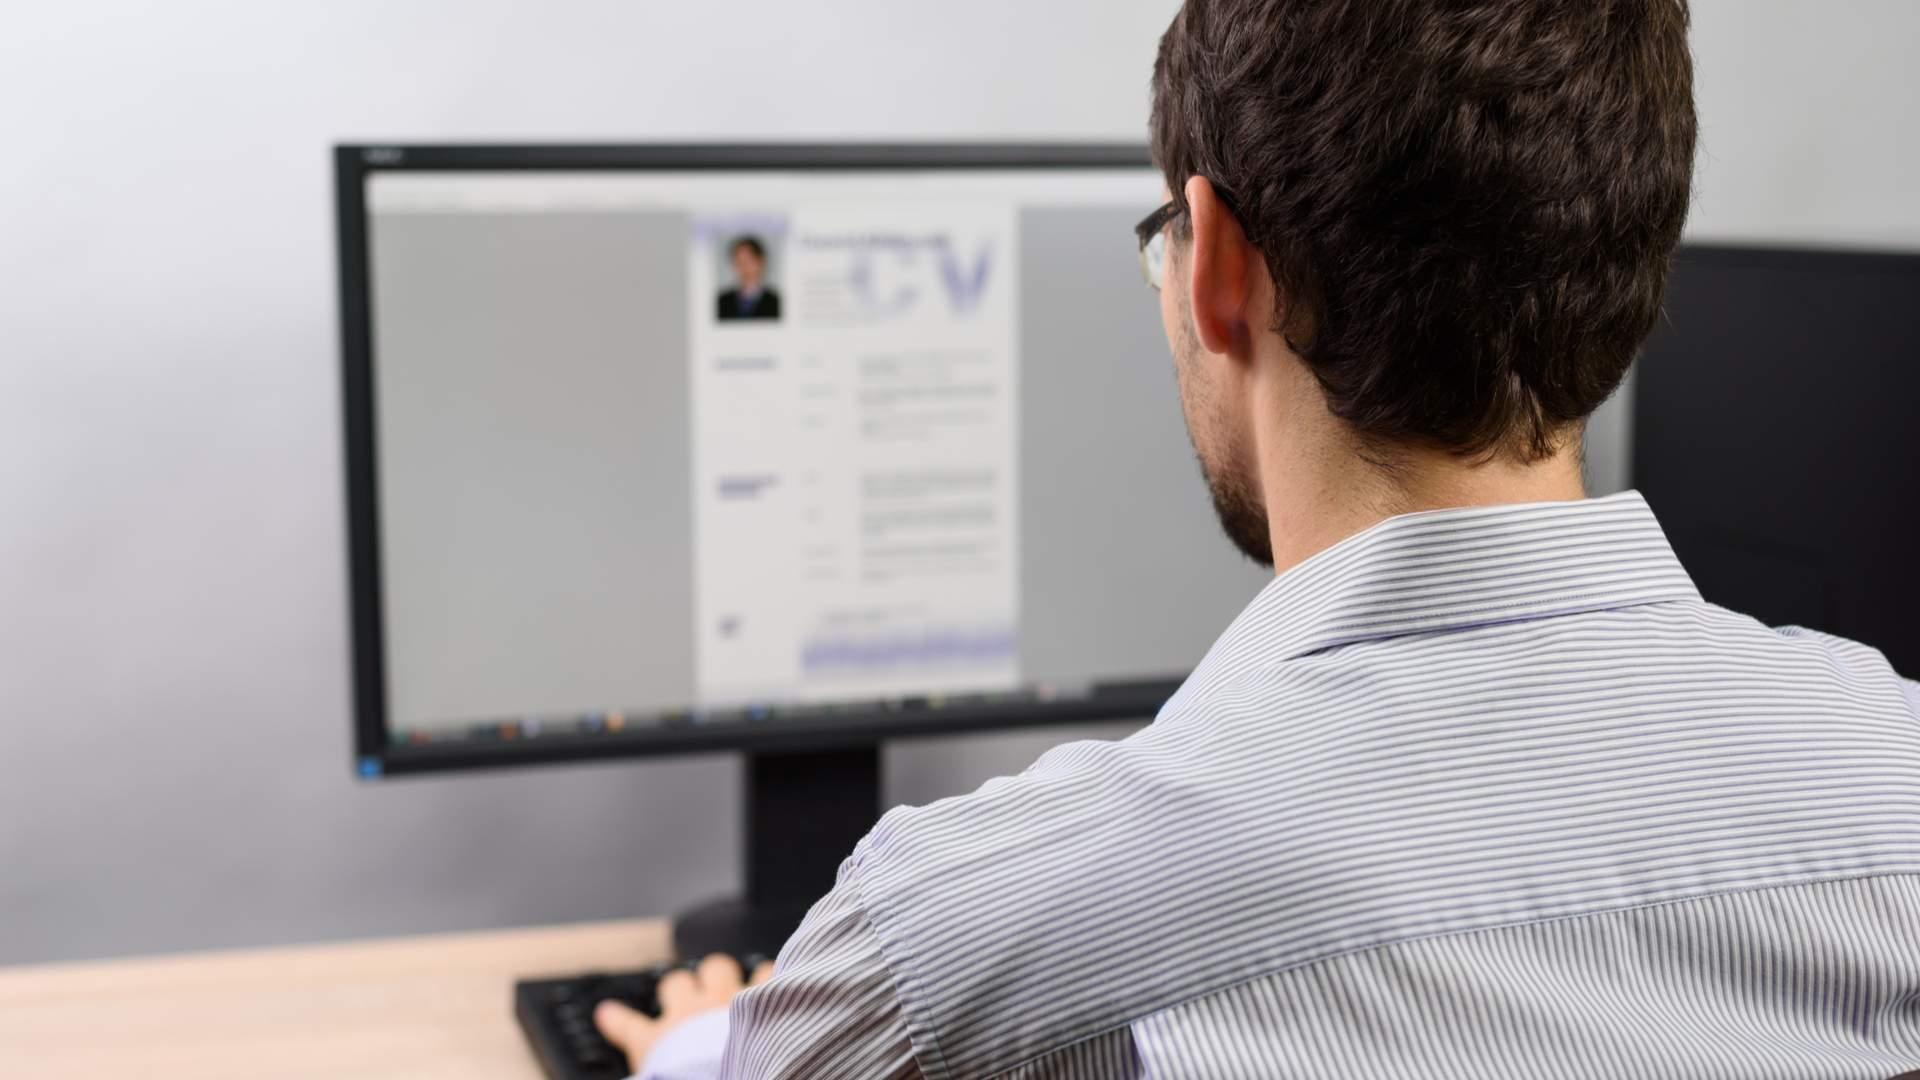 Confira dicas importantes para se destacar na hora do seu currículo ser avaliado por empresas (Fonte: Shutterstock)